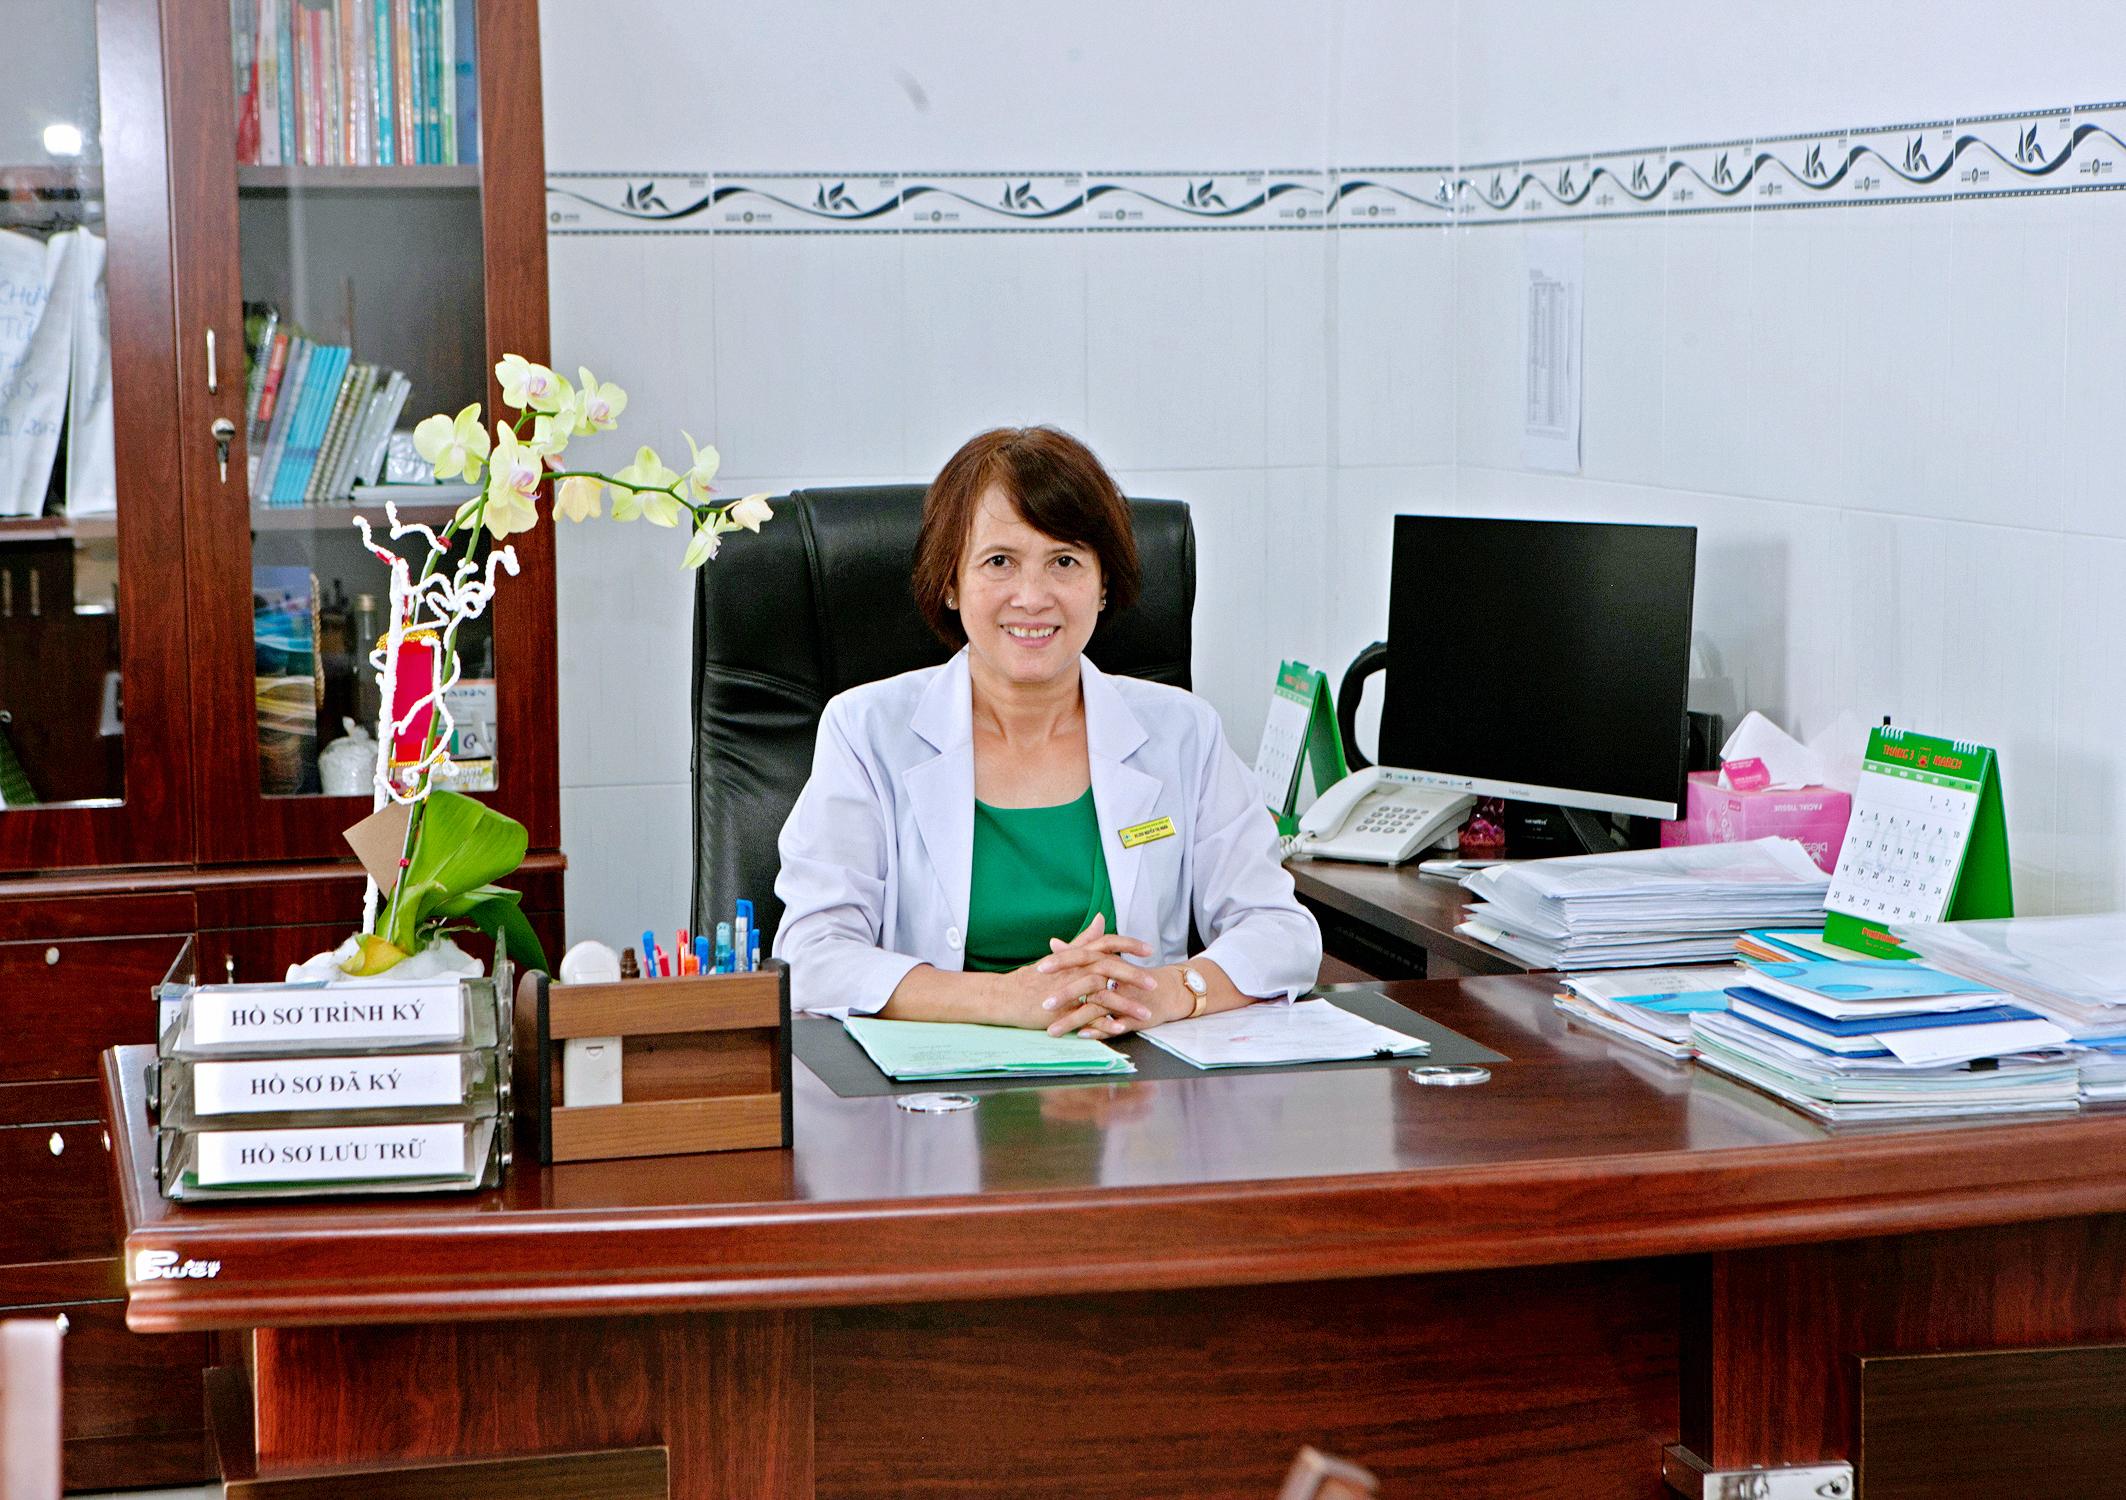 Phó chủ tịch Hội đồng quản trị